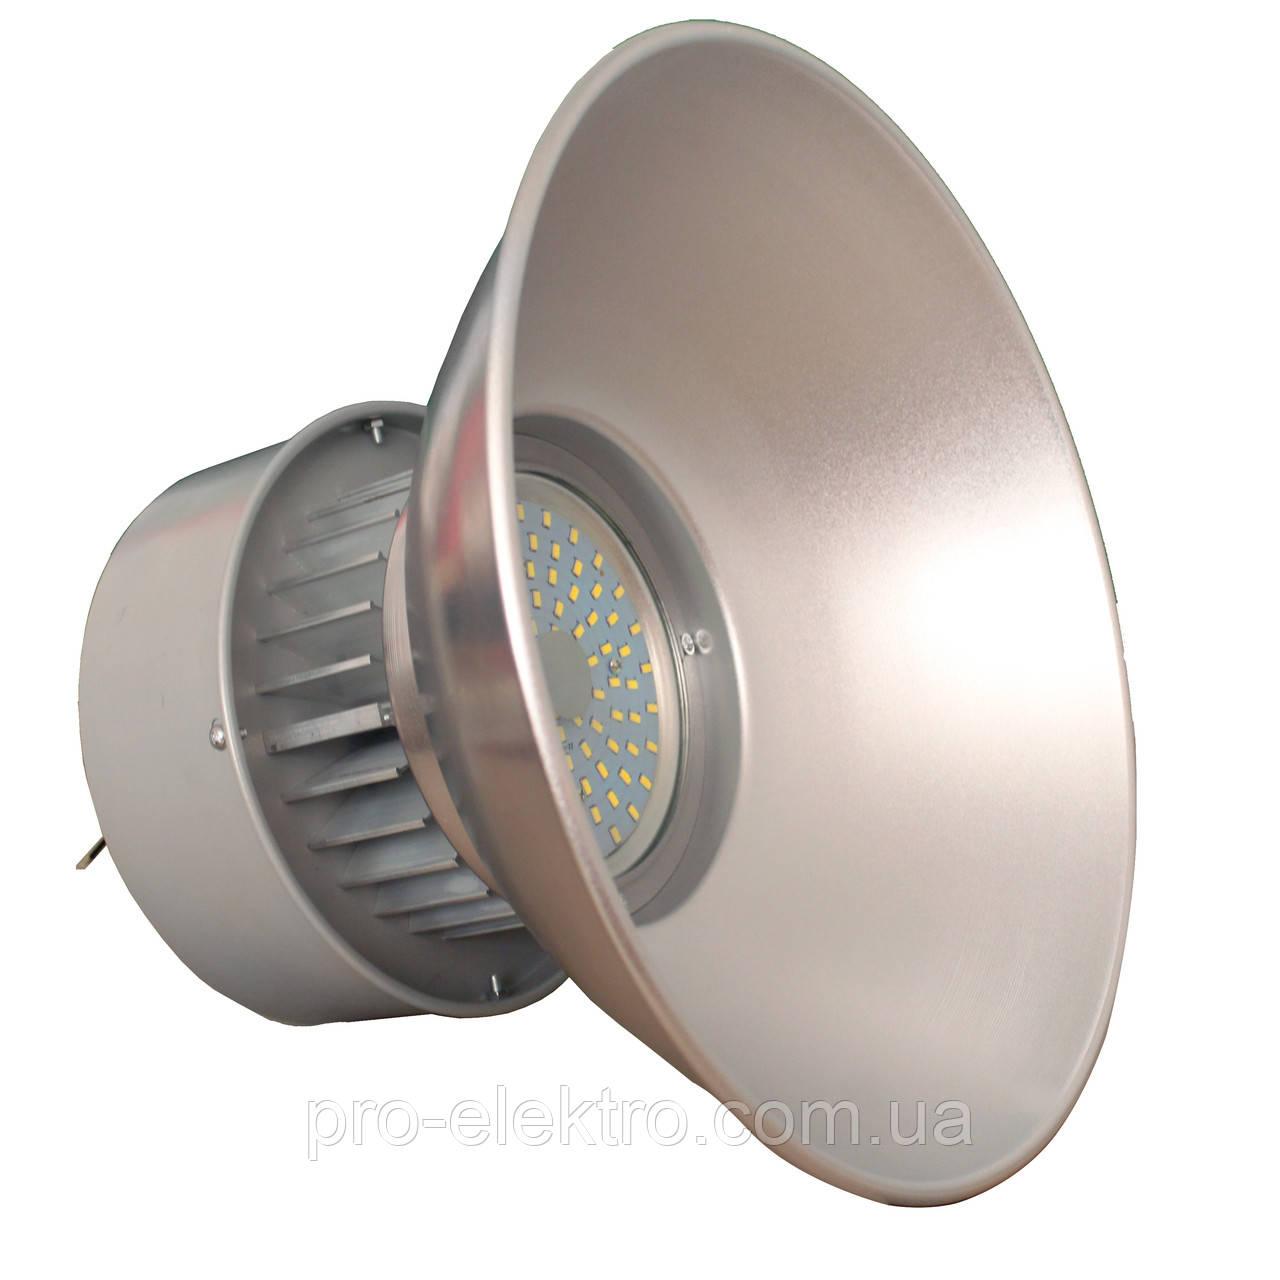 Светильники для высоких пролётов EH-HB-3043 50W Ø39, H:28см 120° 6500K 4500Lm